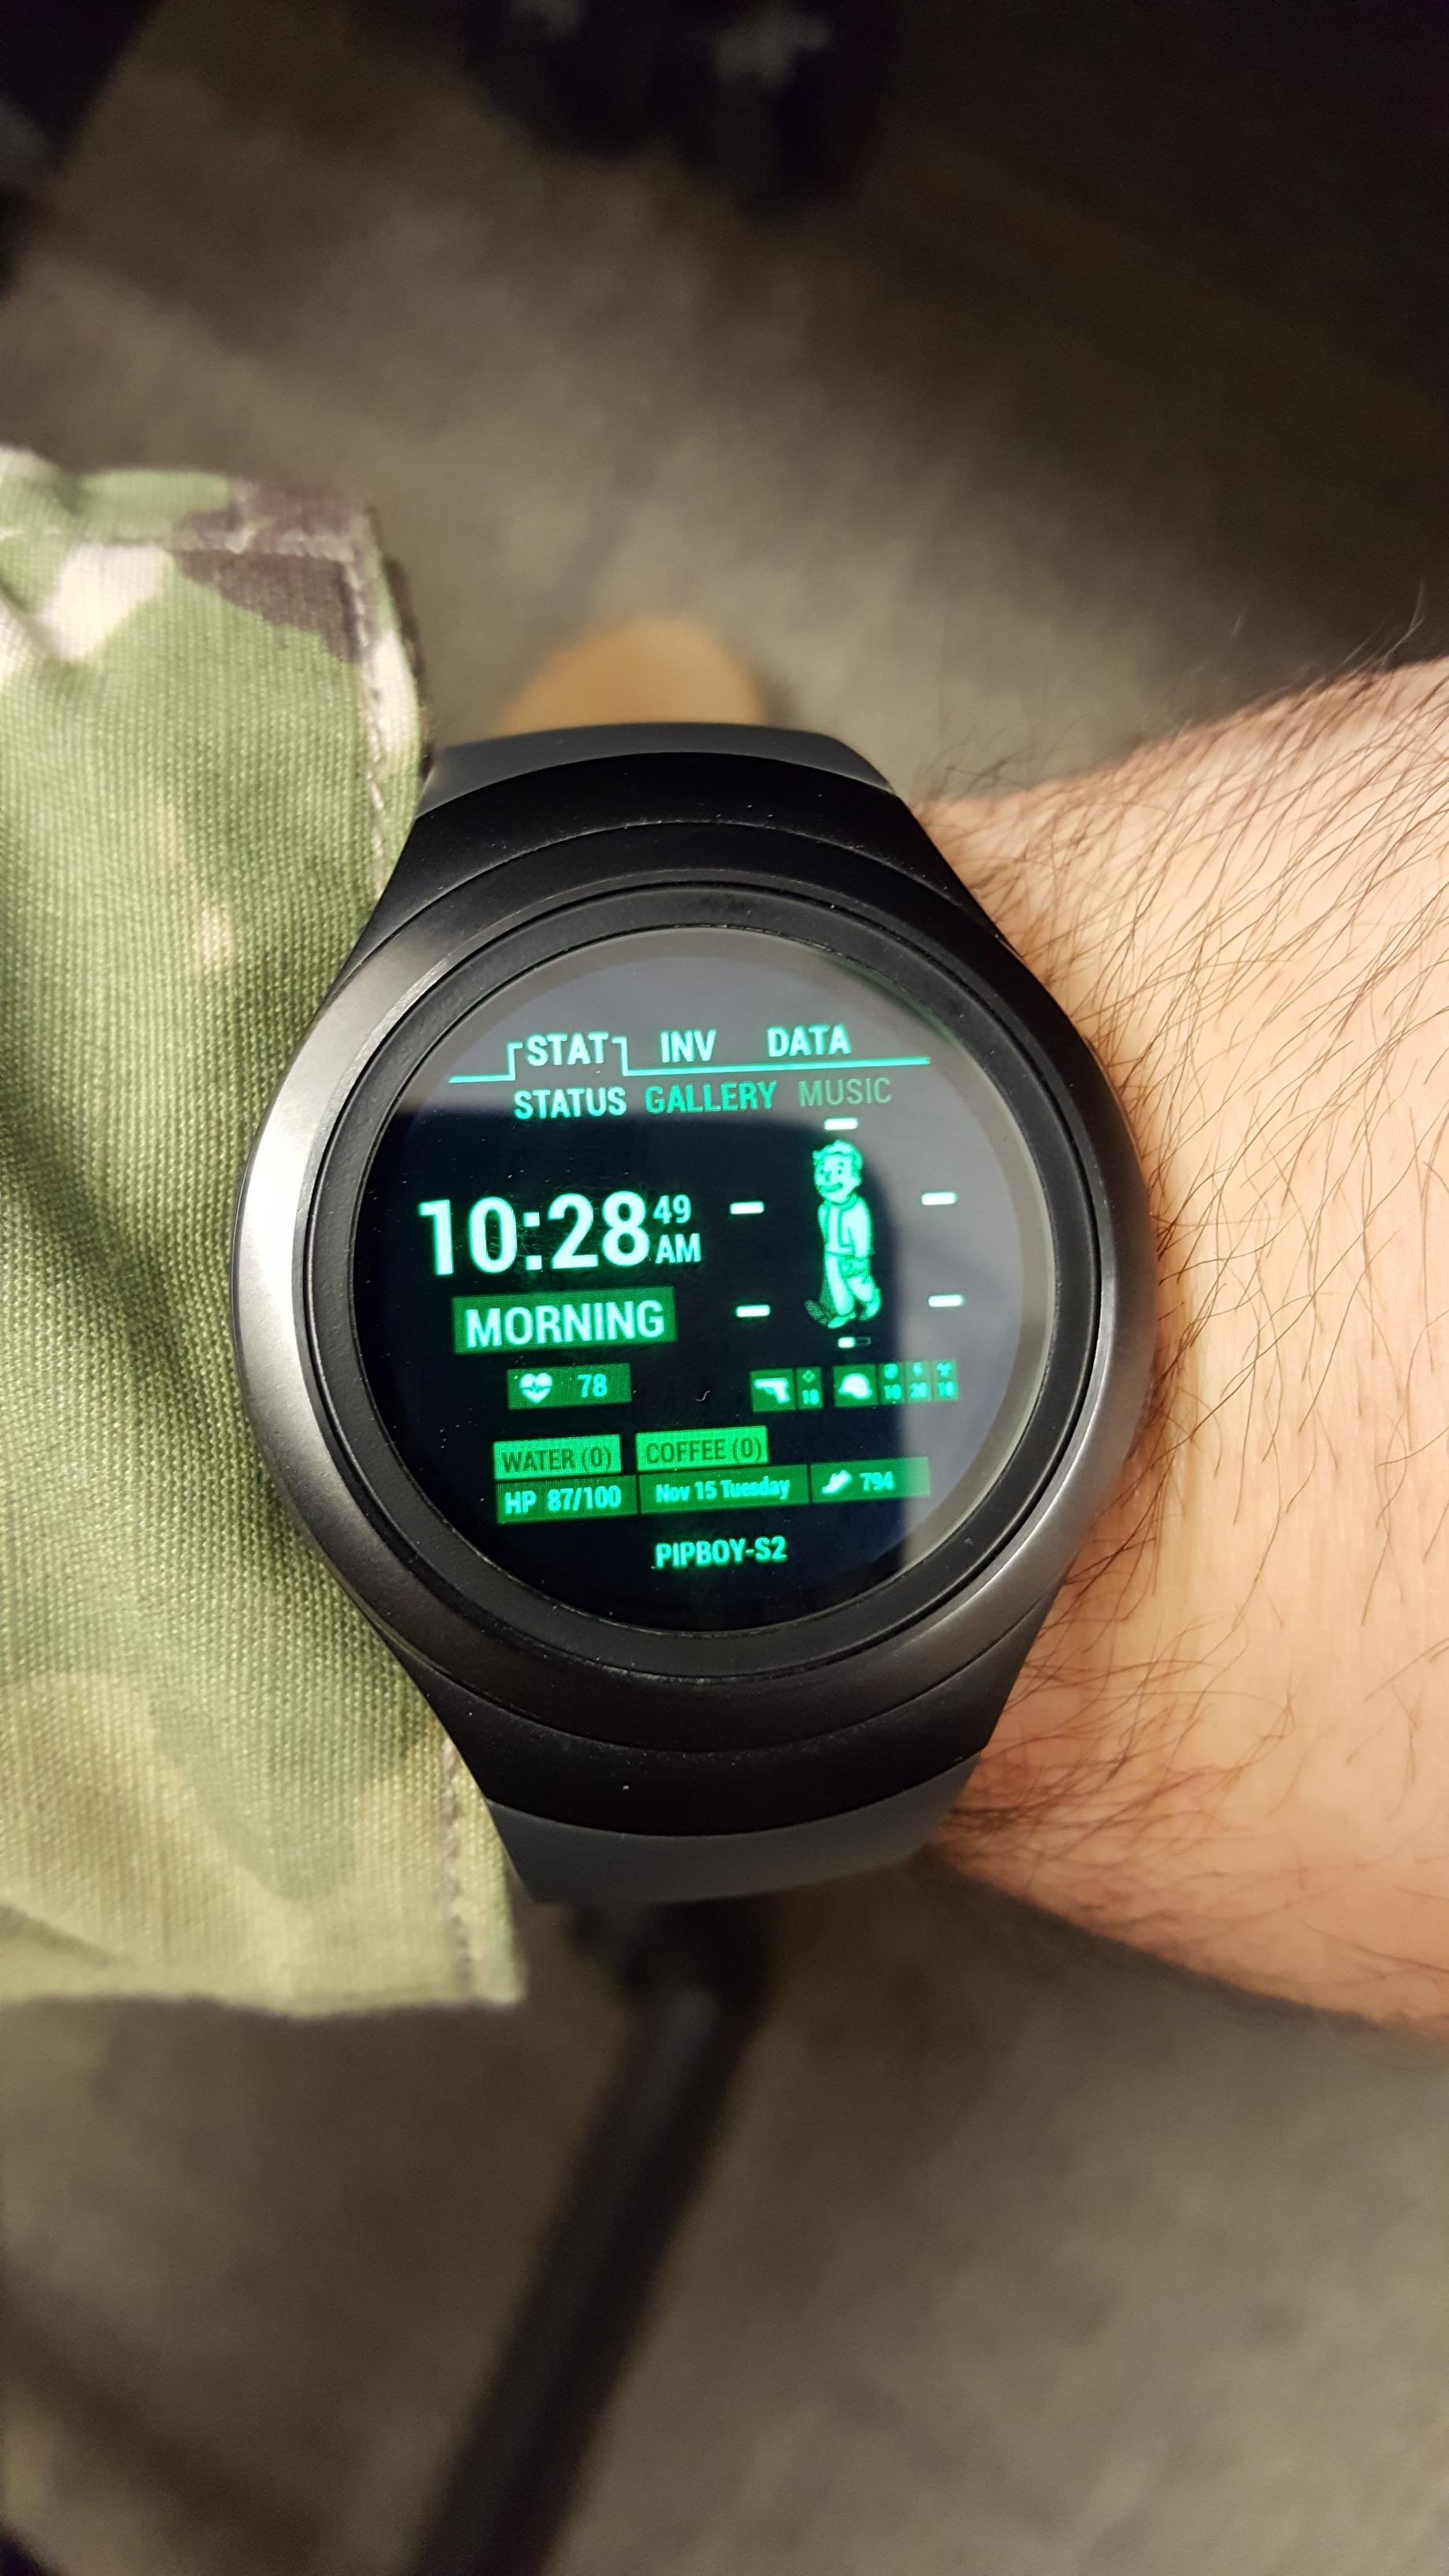 PipBoy Watch http//ift.tt/2gdXKG9 Fallout watch, Pip